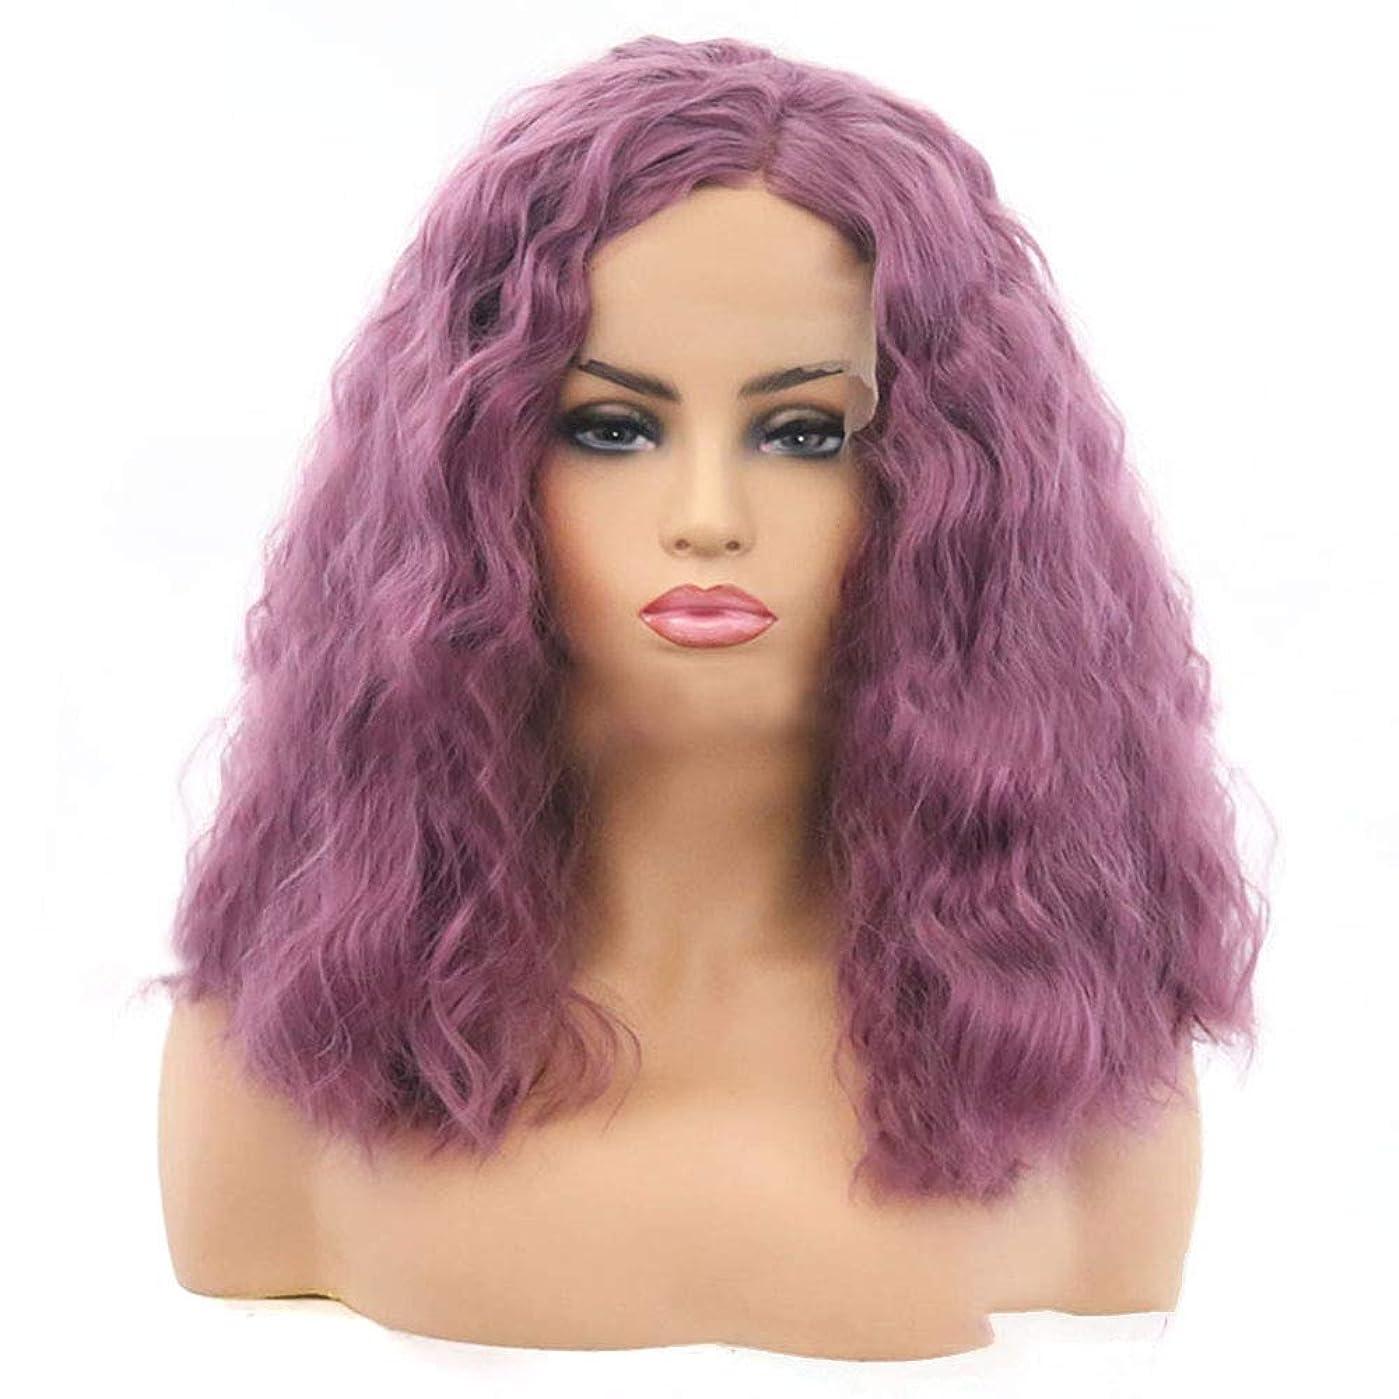 コンテンポラリースクラップ誠意Yrattary 女性のかつらトウモロコシホットロングヘアーふわふわ小ボリュームパープルショートカーリーヘアーケミカルファイバーヘアーウィッグ複合ヘアレースウィッグロールプレイングウィッグ (色 : 紫の, サイズ : 14 inches)